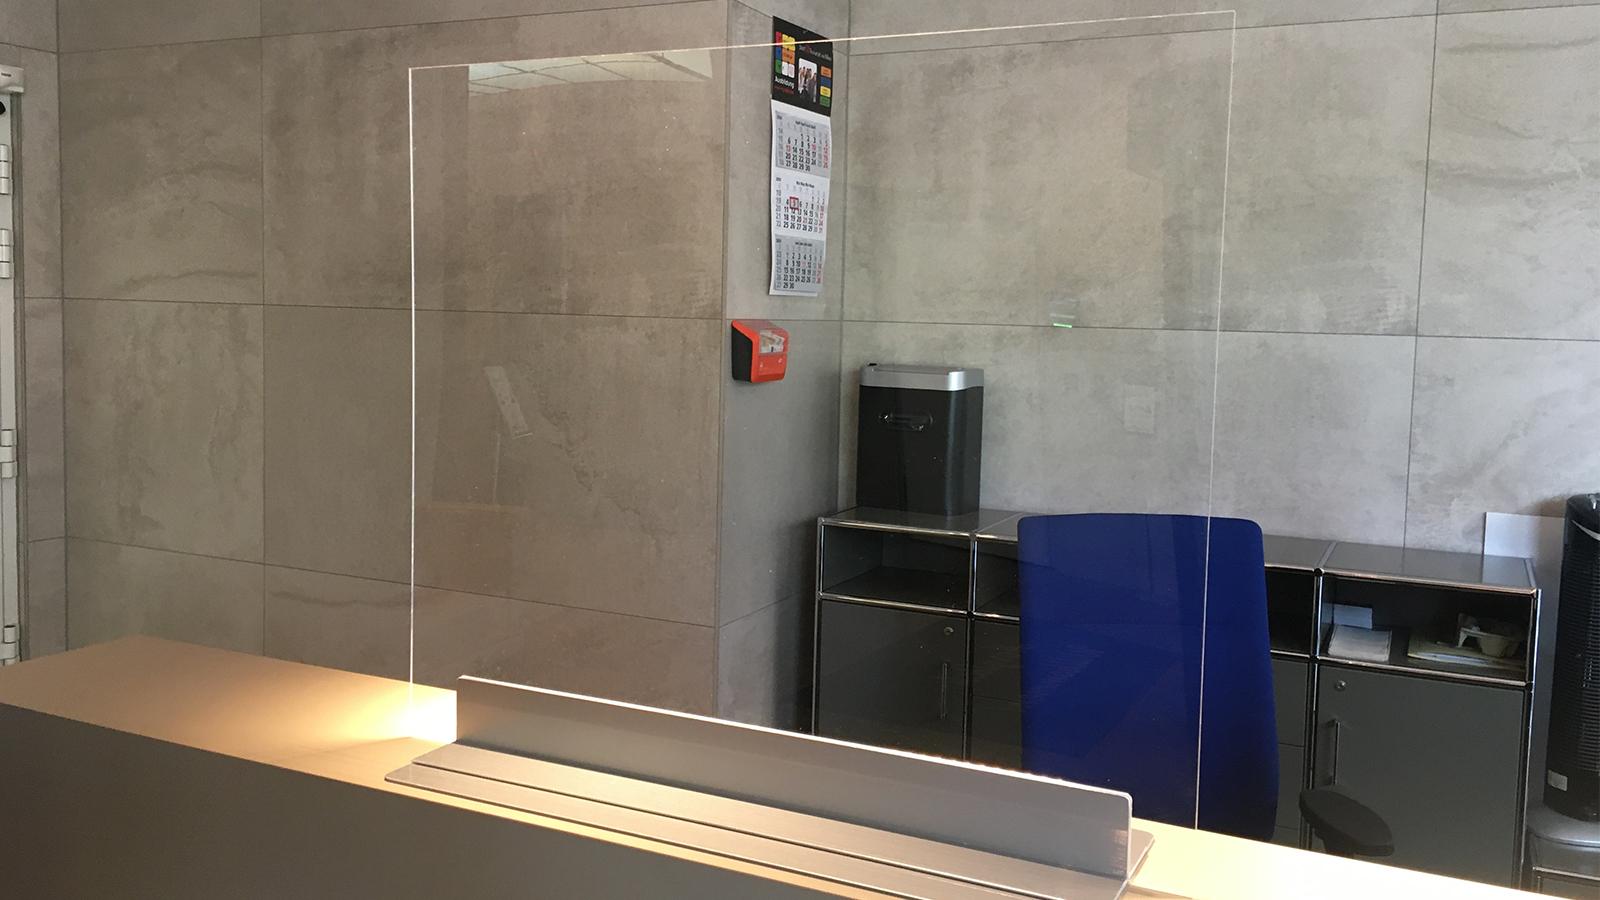 Hygieneboard/Aufsteller Theke